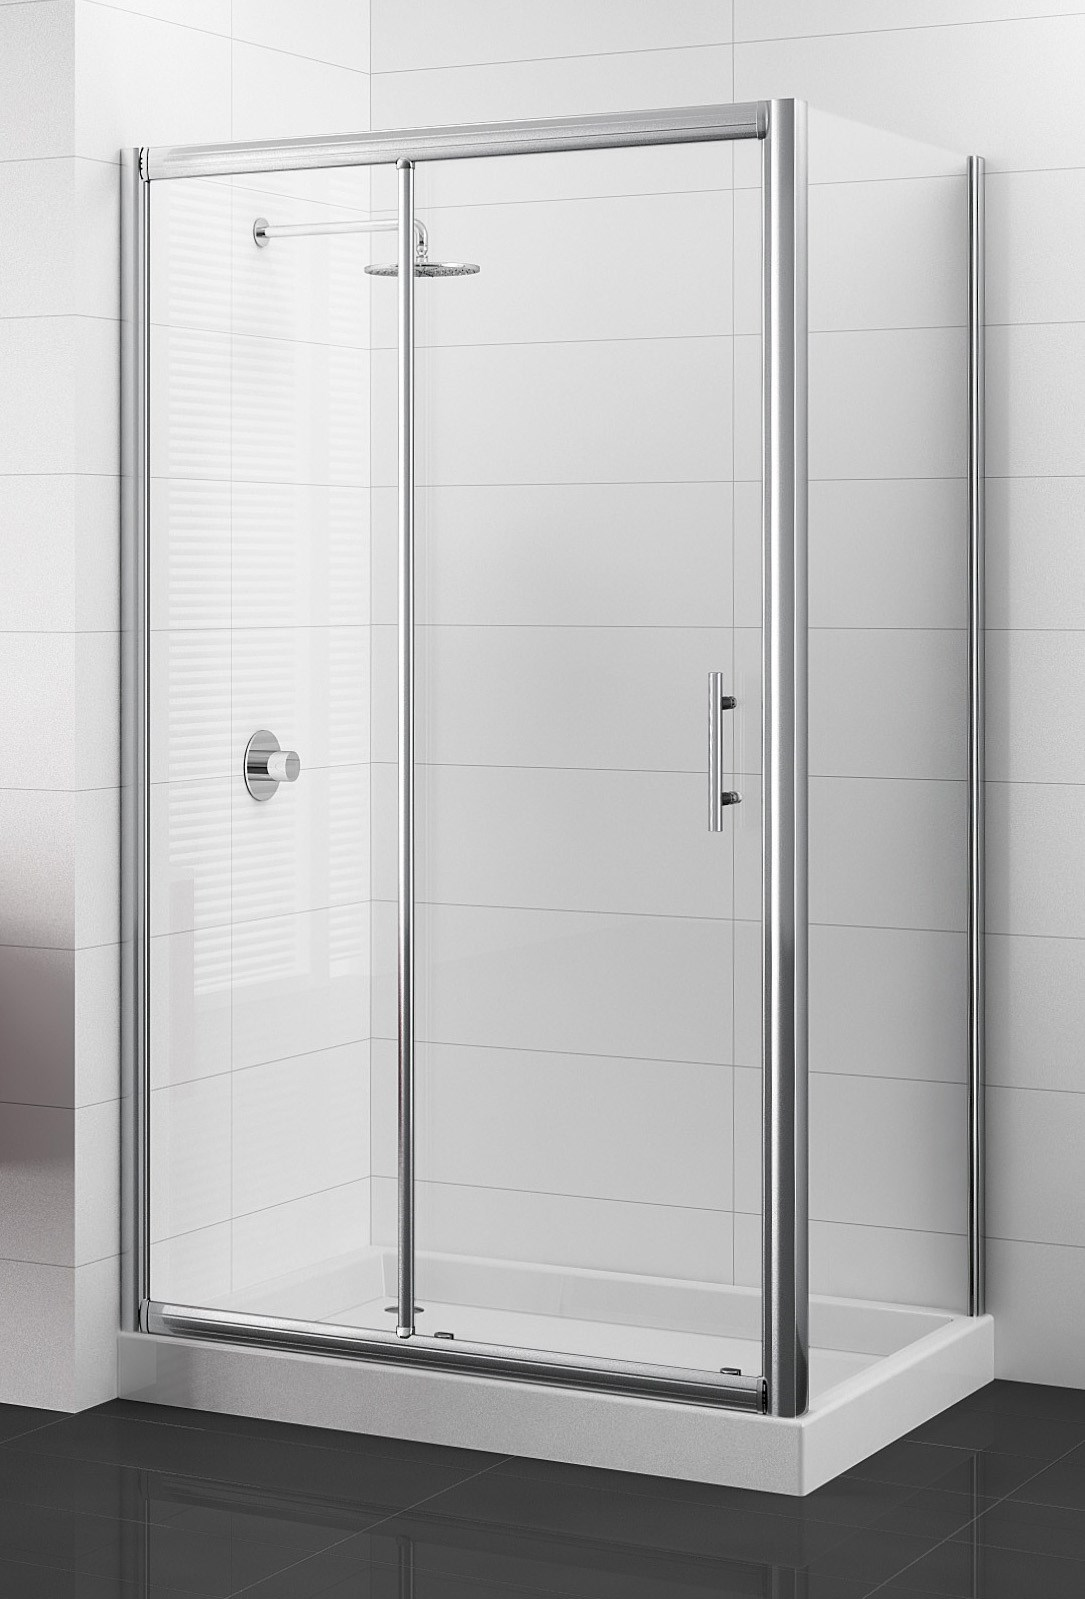 les parois de douche porte 2 panneaux dont 1 coulissant. Black Bedroom Furniture Sets. Home Design Ideas